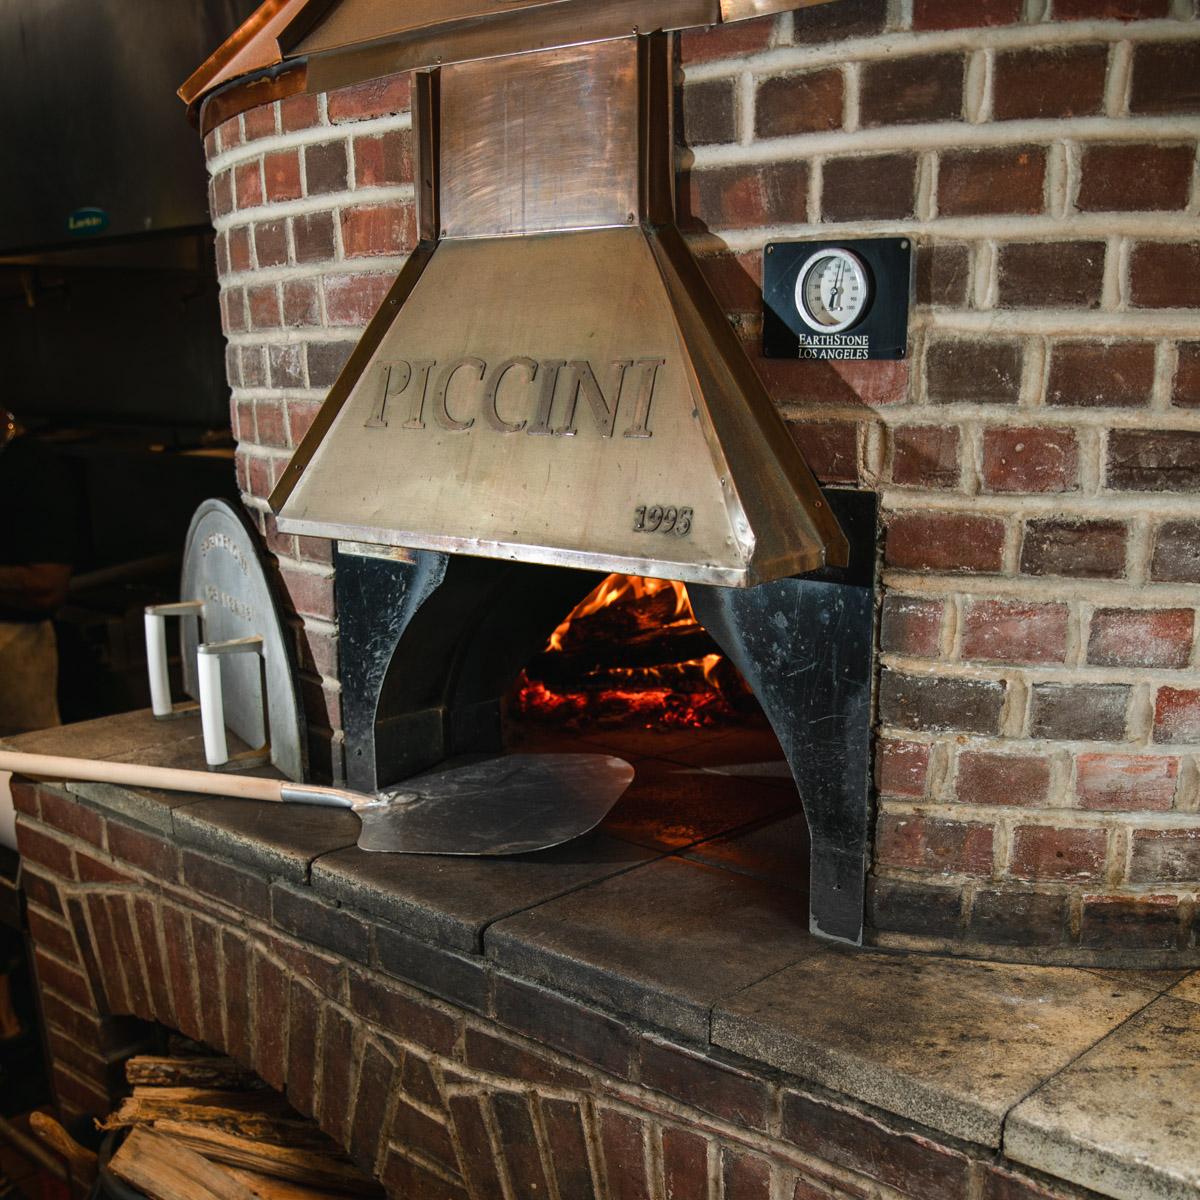 The Famous Piccini Brick Oven!